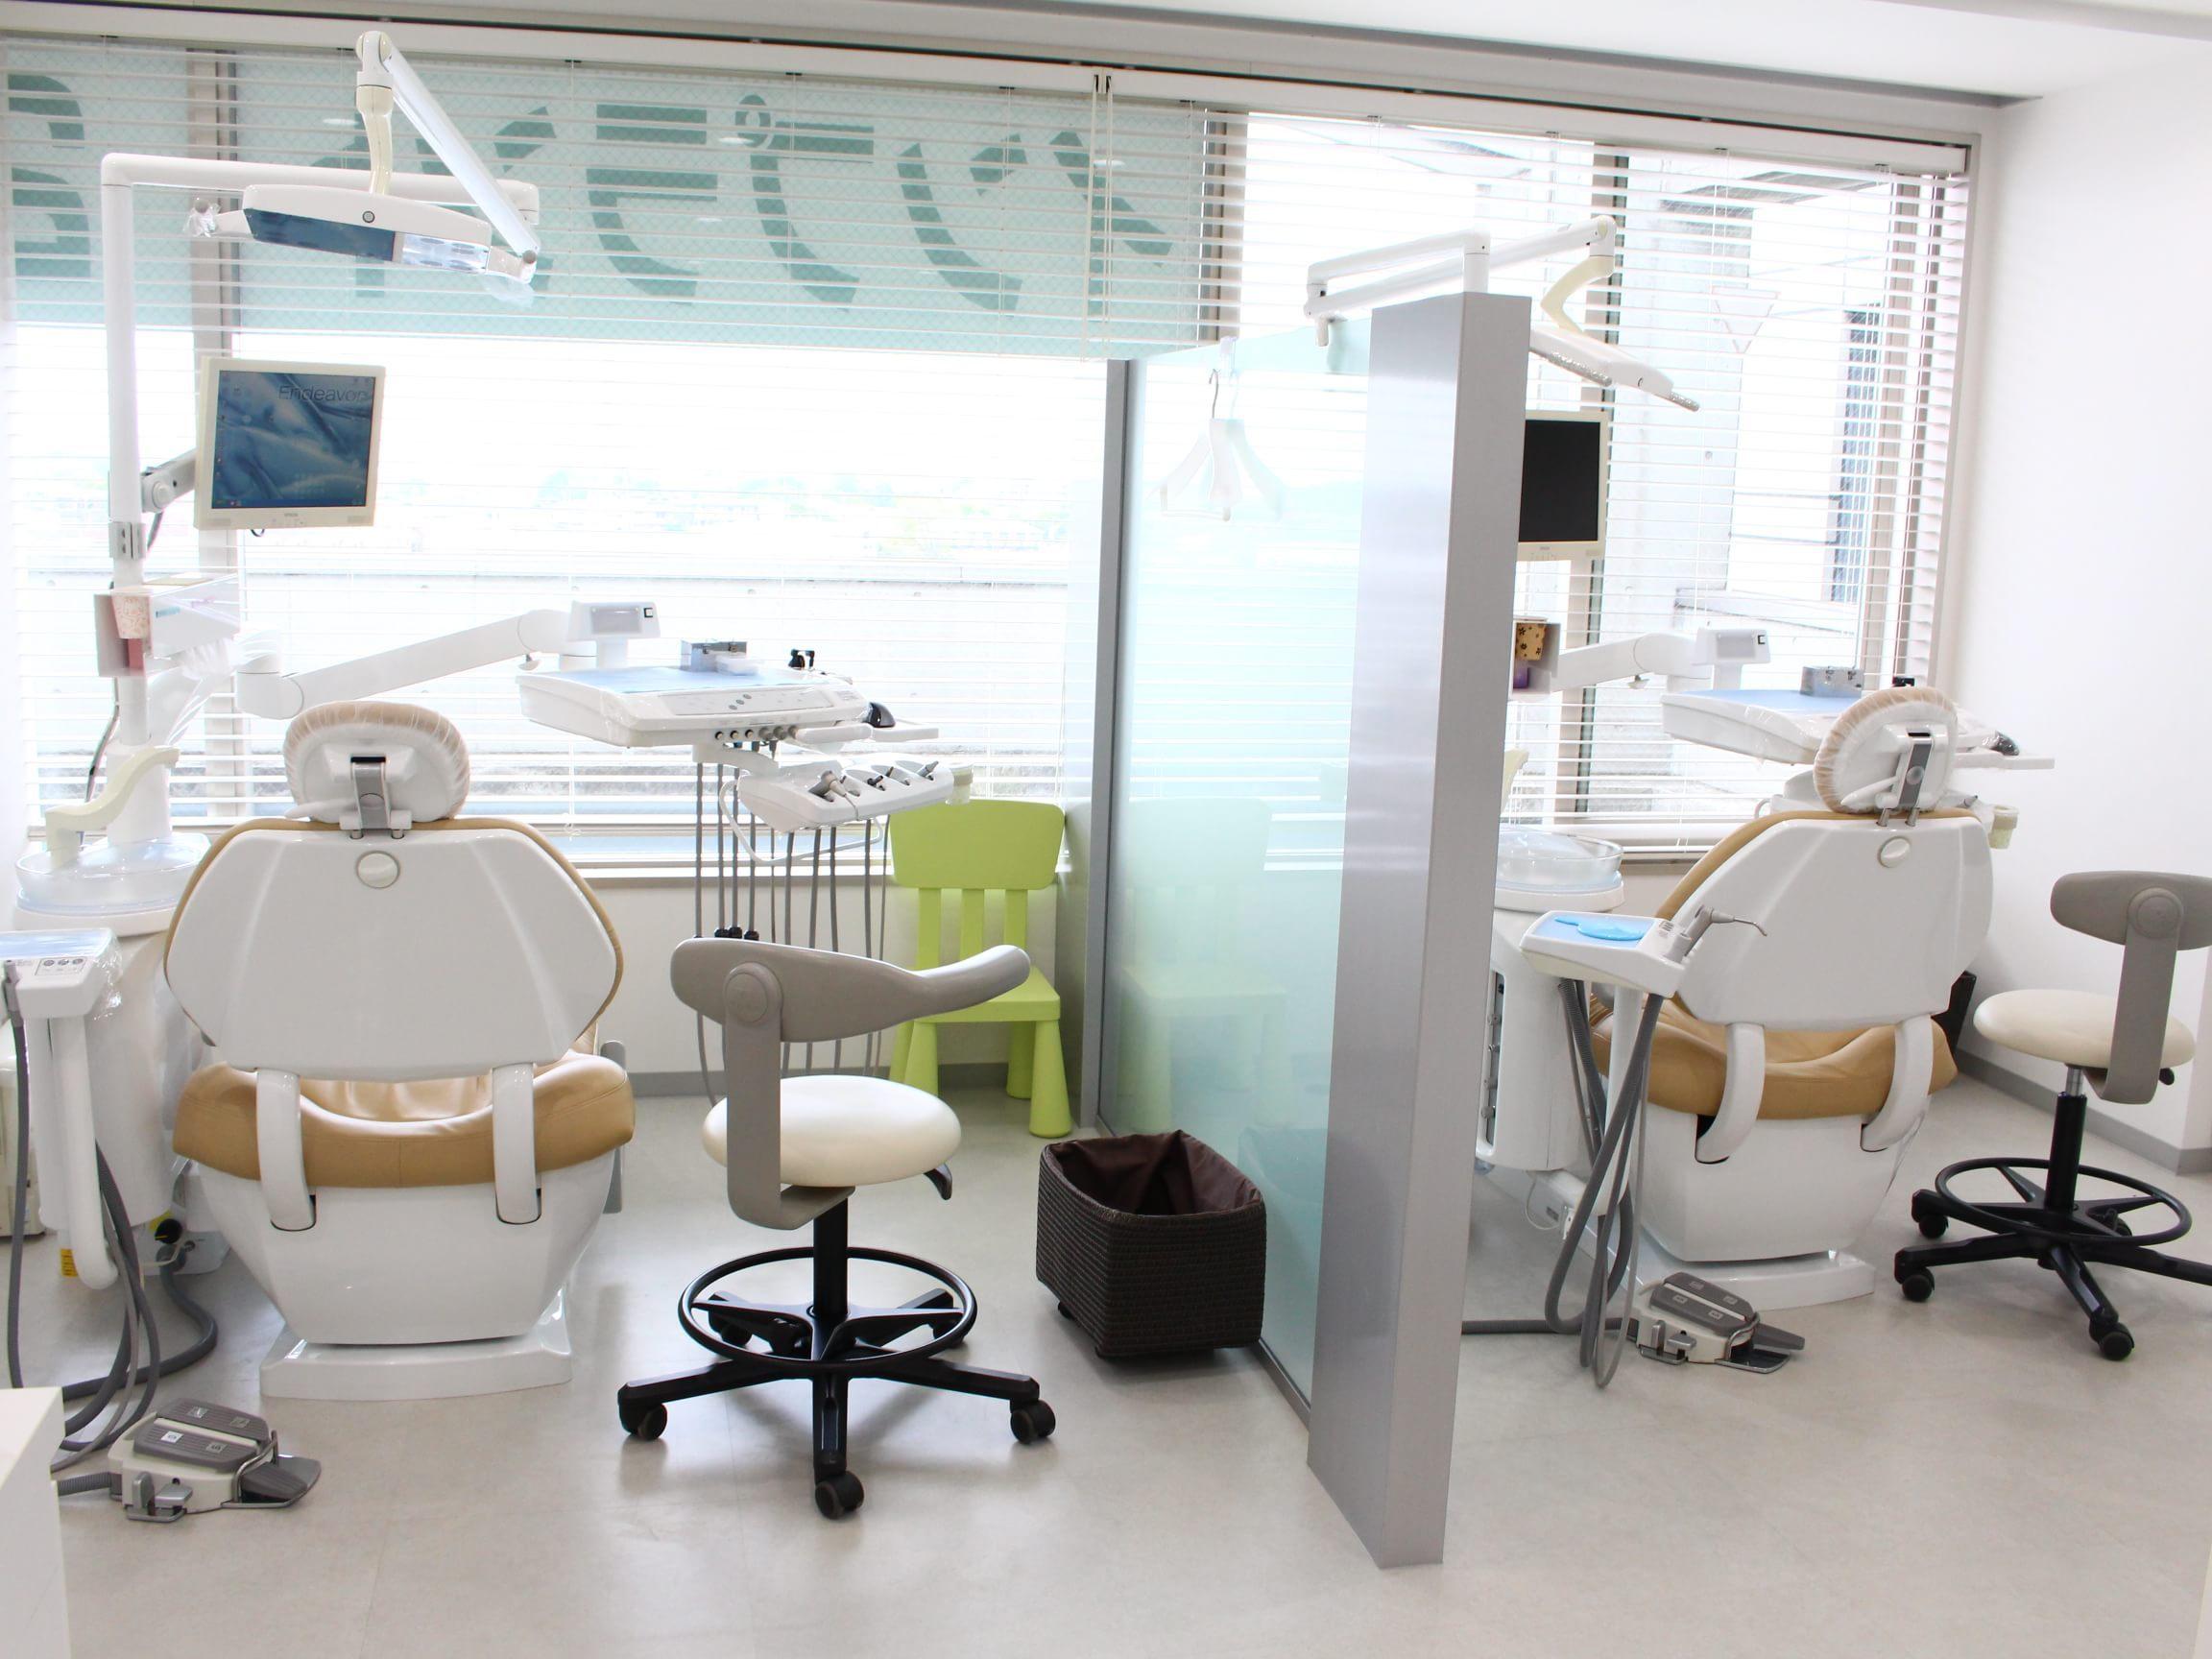 和光市駅 南口徒歩 1分 和光市歯科の治療台写真4